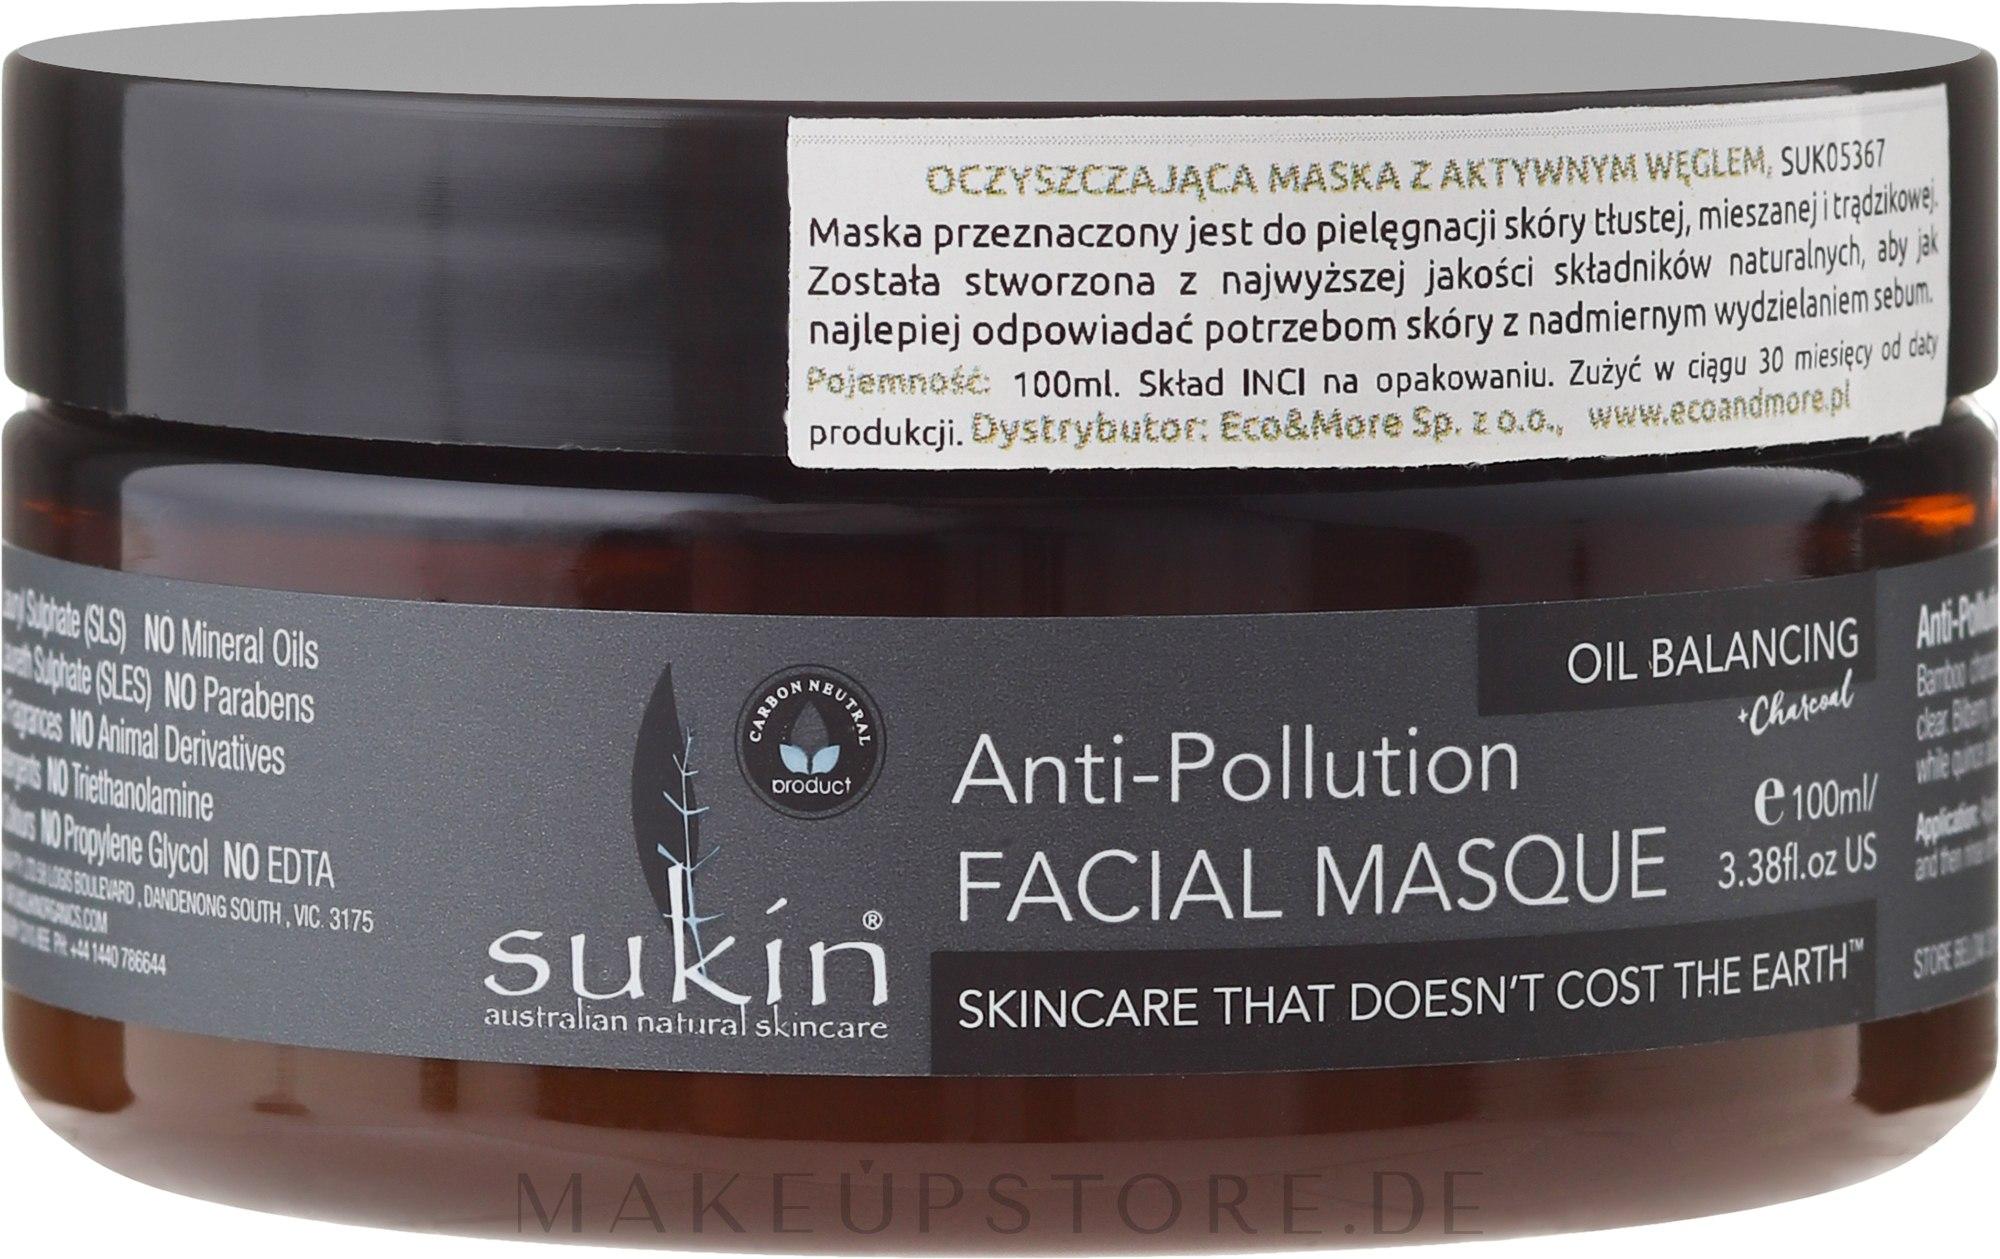 Gesichtsmaske gegen unreine Haut mit Aktivkohle - Sukin Oil Balancing + Charcoal Anti-Pollution Facial Masque — Bild 50 ml